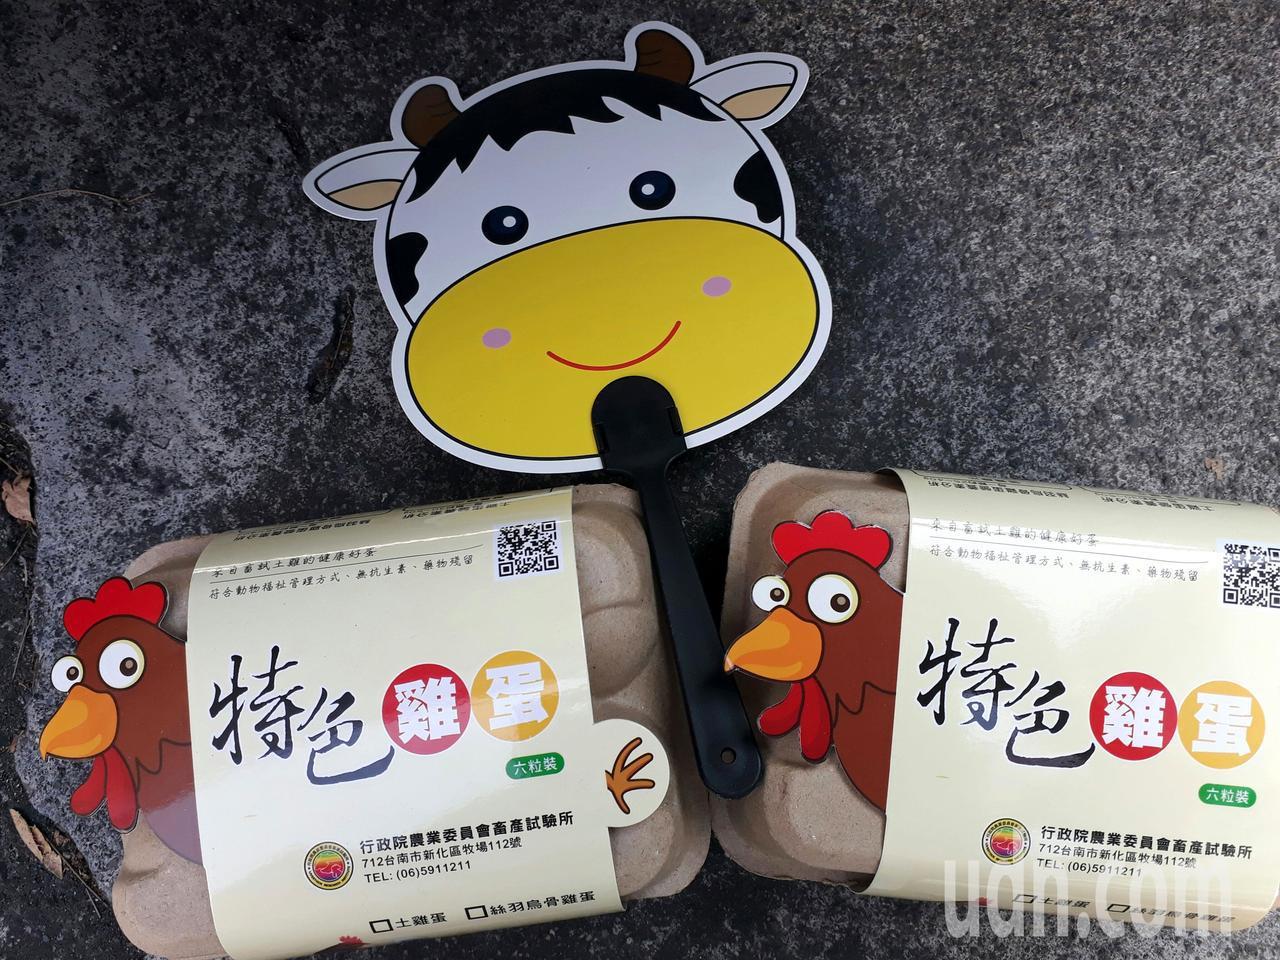 畜試所自家生產設計包裝的雞蛋與肉品大受歡迎。記者周宗禎/攝影